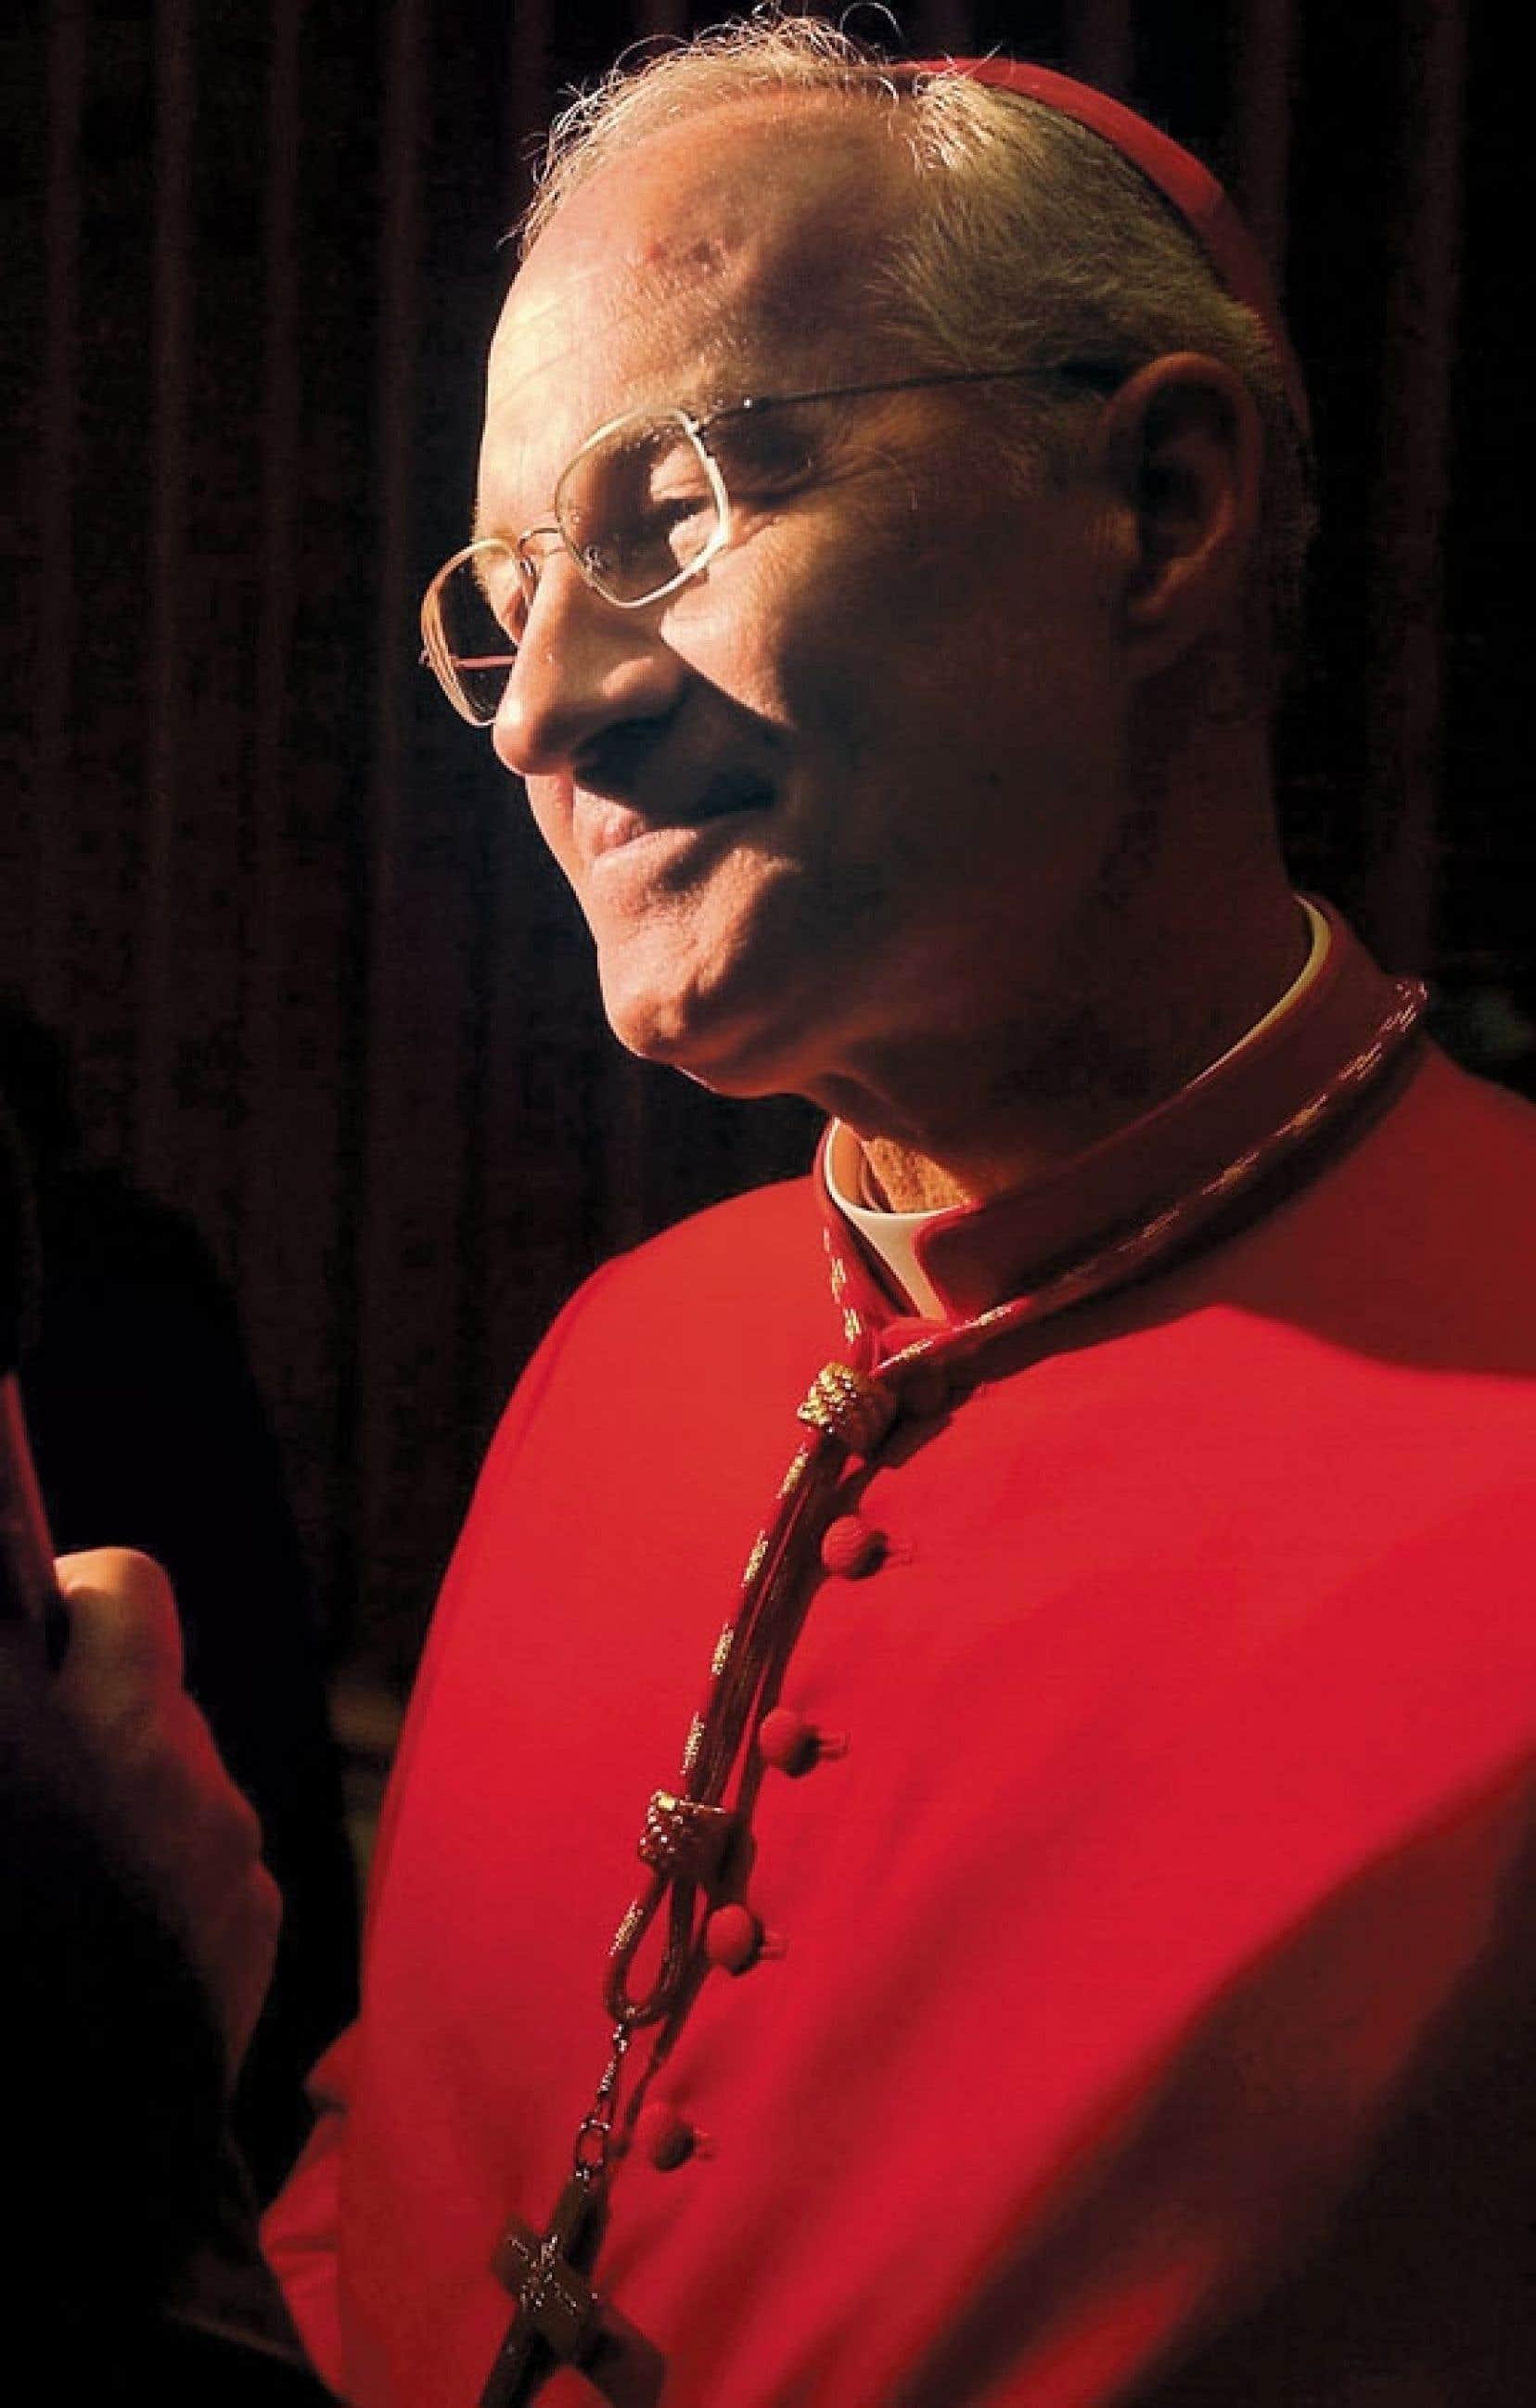 <div> Monseigneur Marc Ouellet a été nommé cardinal par le pape Jean-Paul II en 2003.</div>